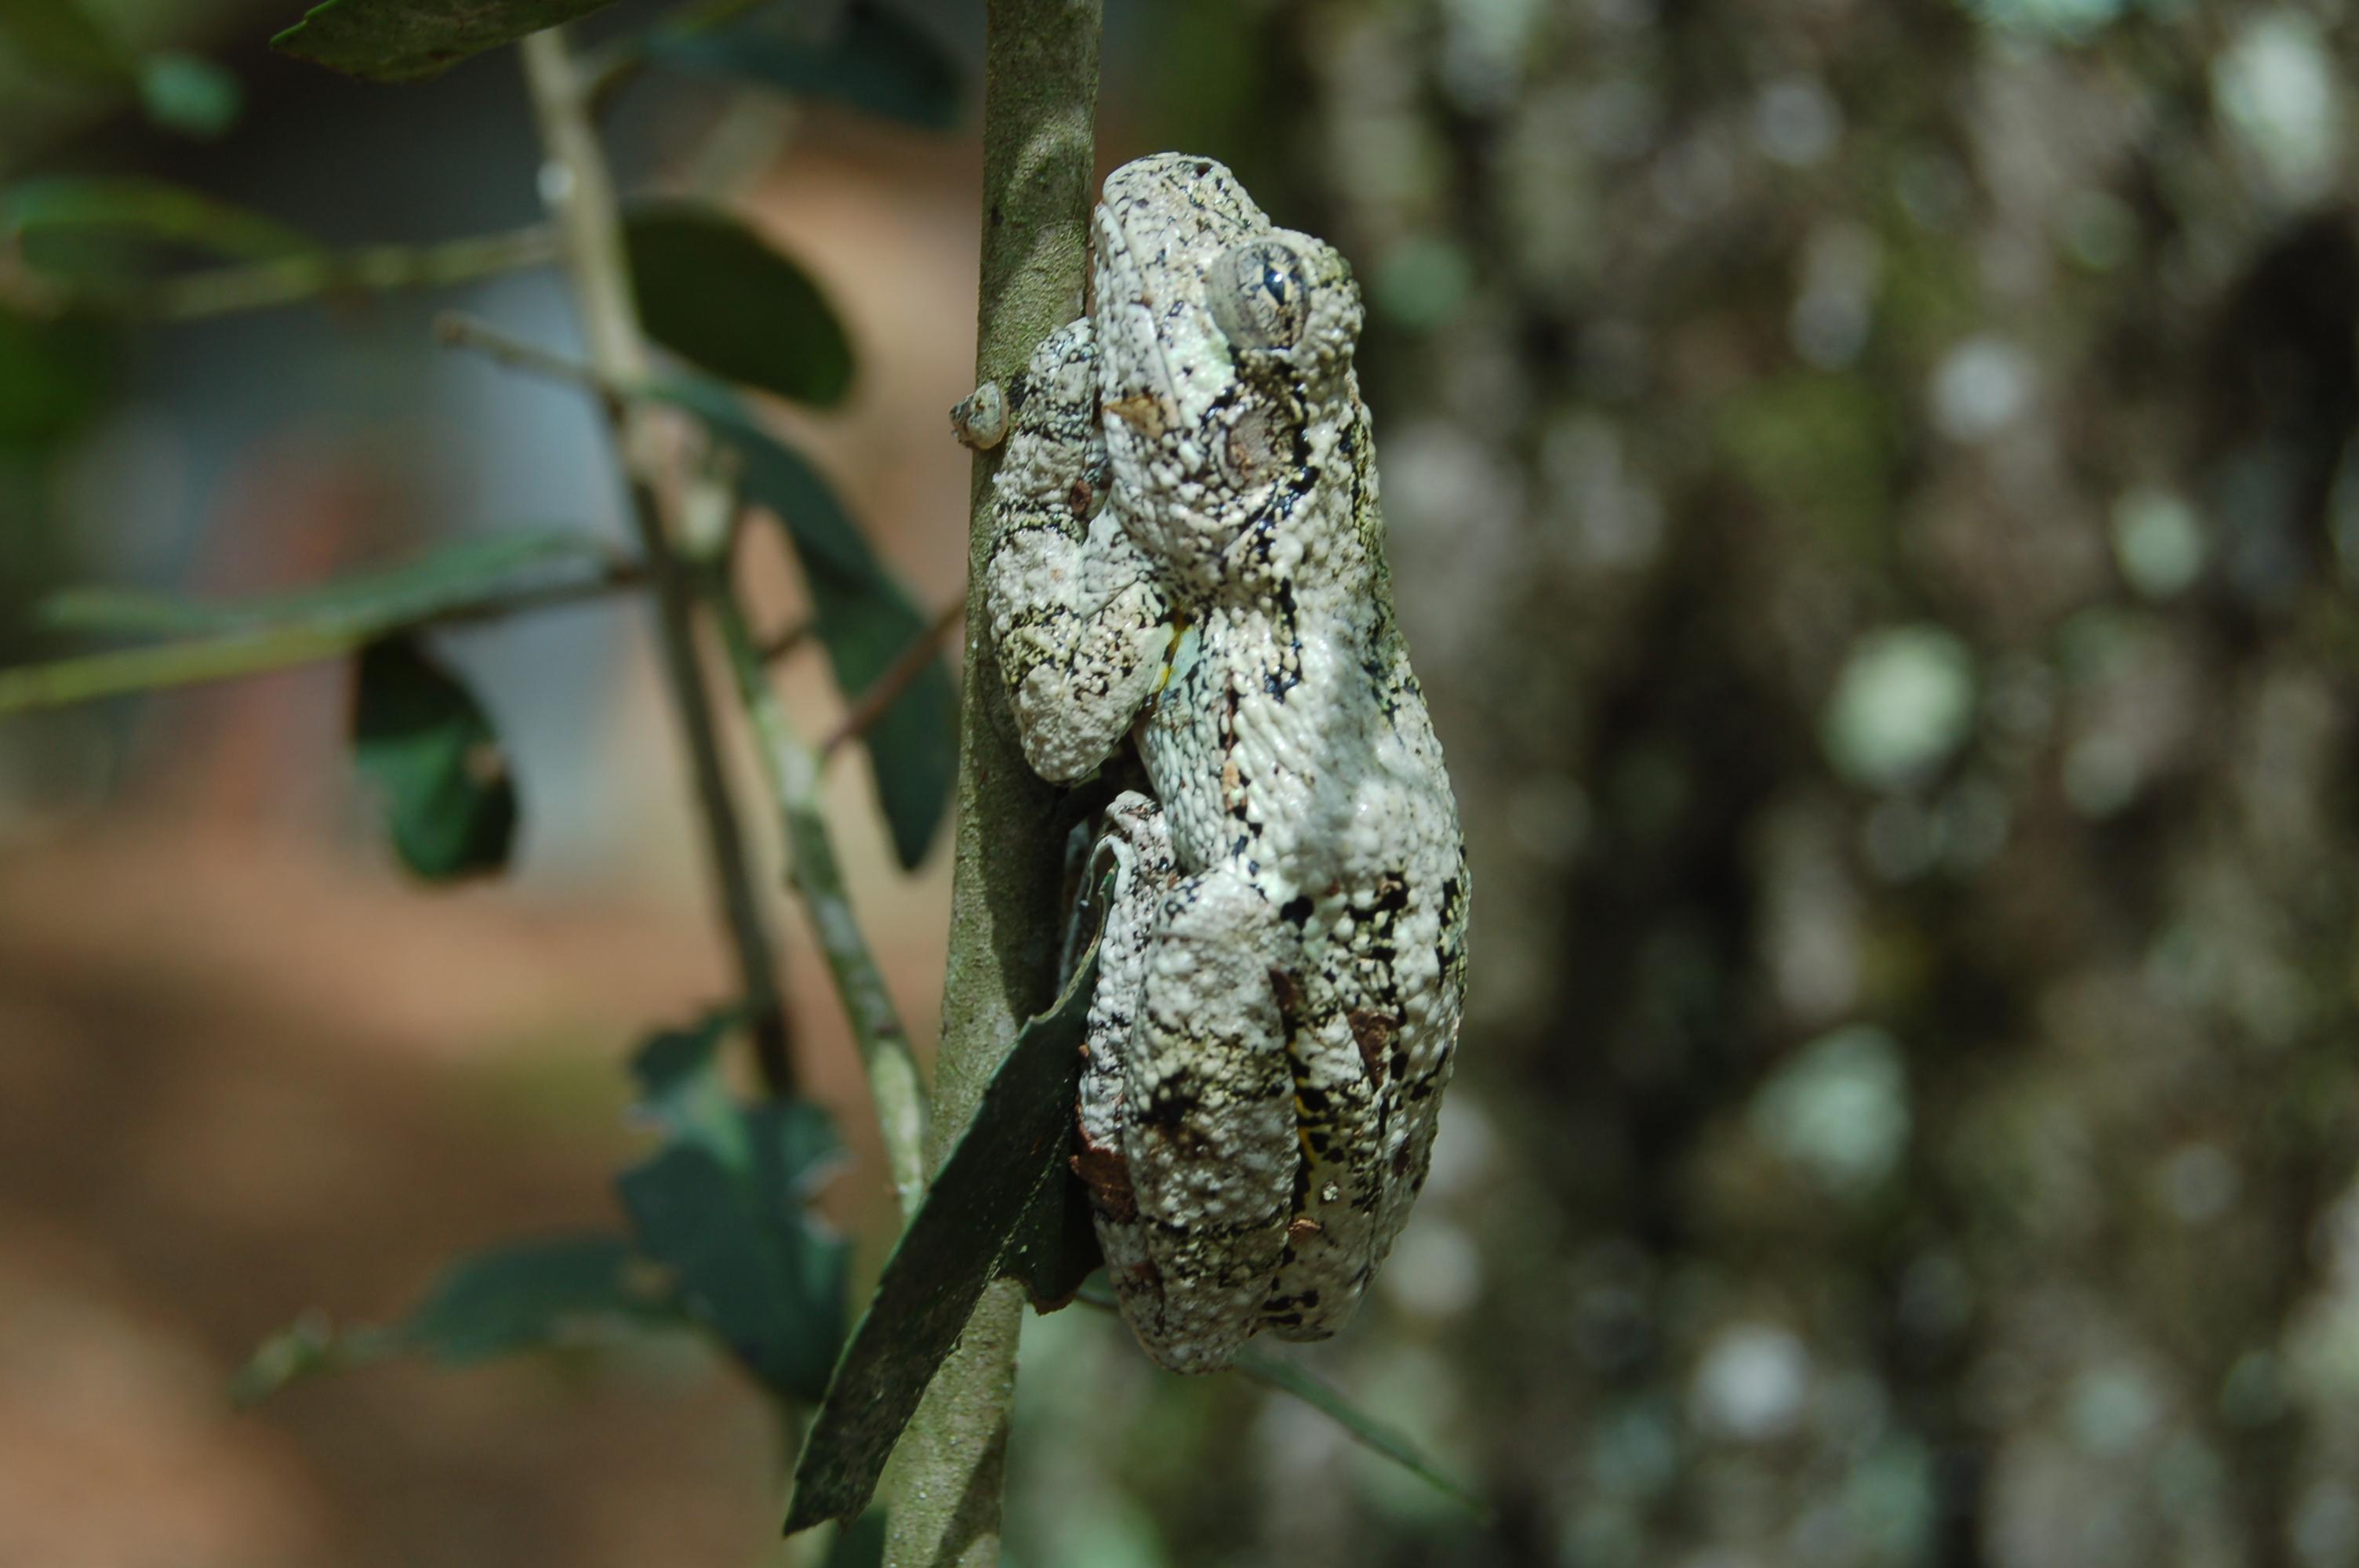 stock-photos-nature-small-linda-bateman-tree-frog